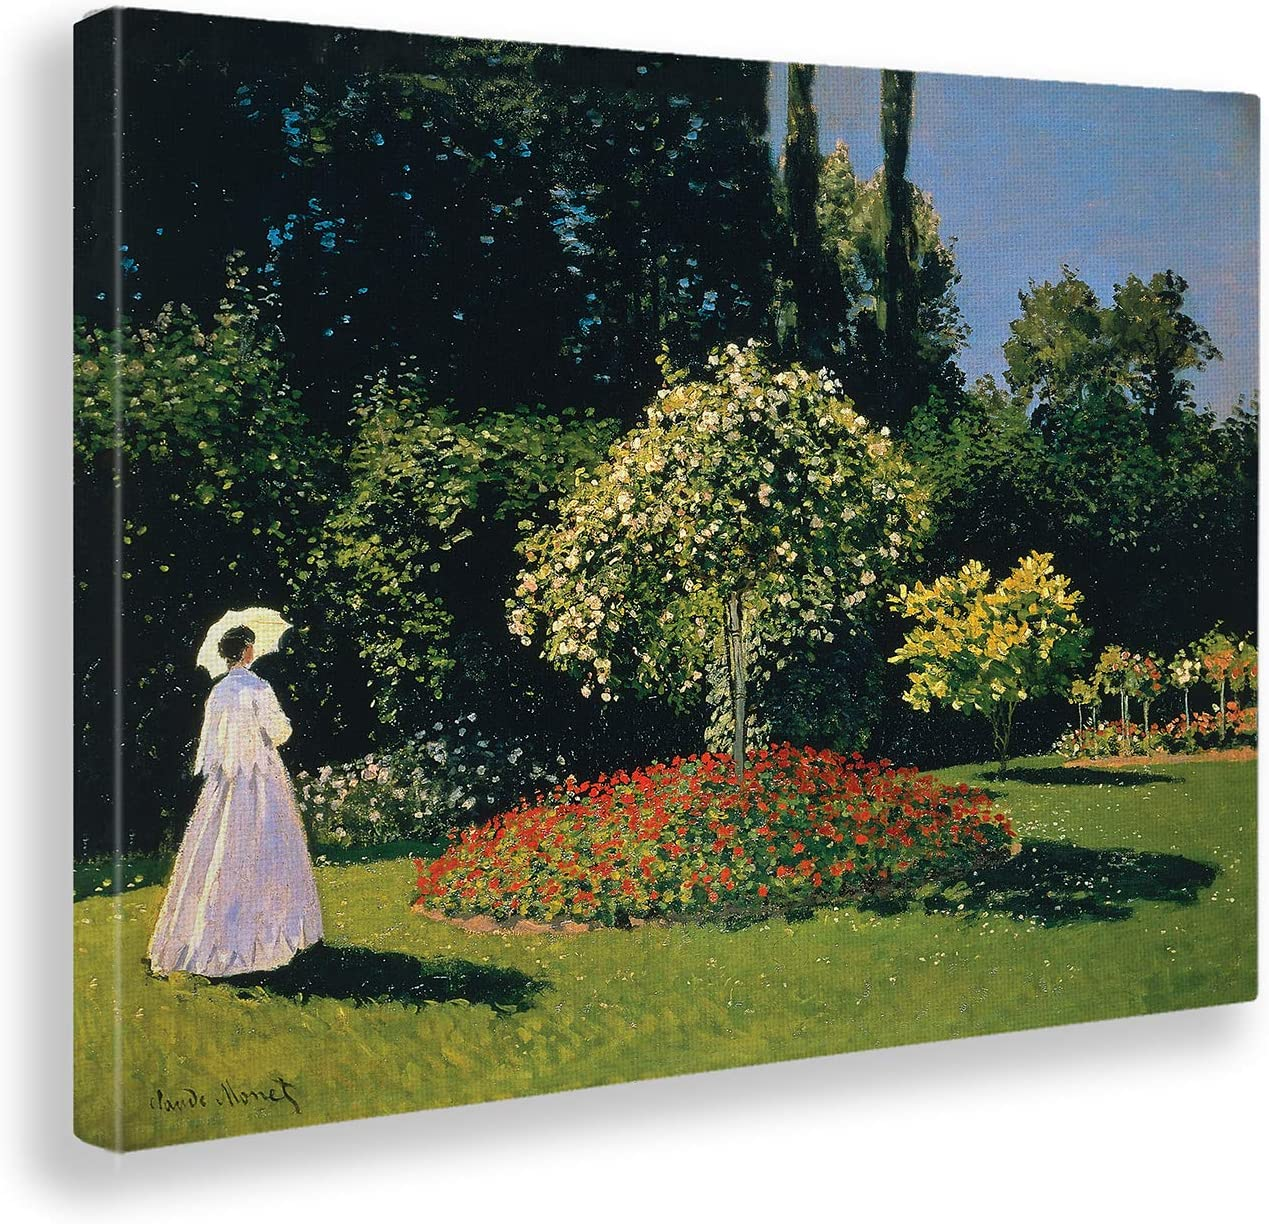 Giallobus - Cuadro - Claude Monet - Mujer y jardín - Estampado en Lienzo - Listo para Colgar - Varios tamaños - 100x70 cm